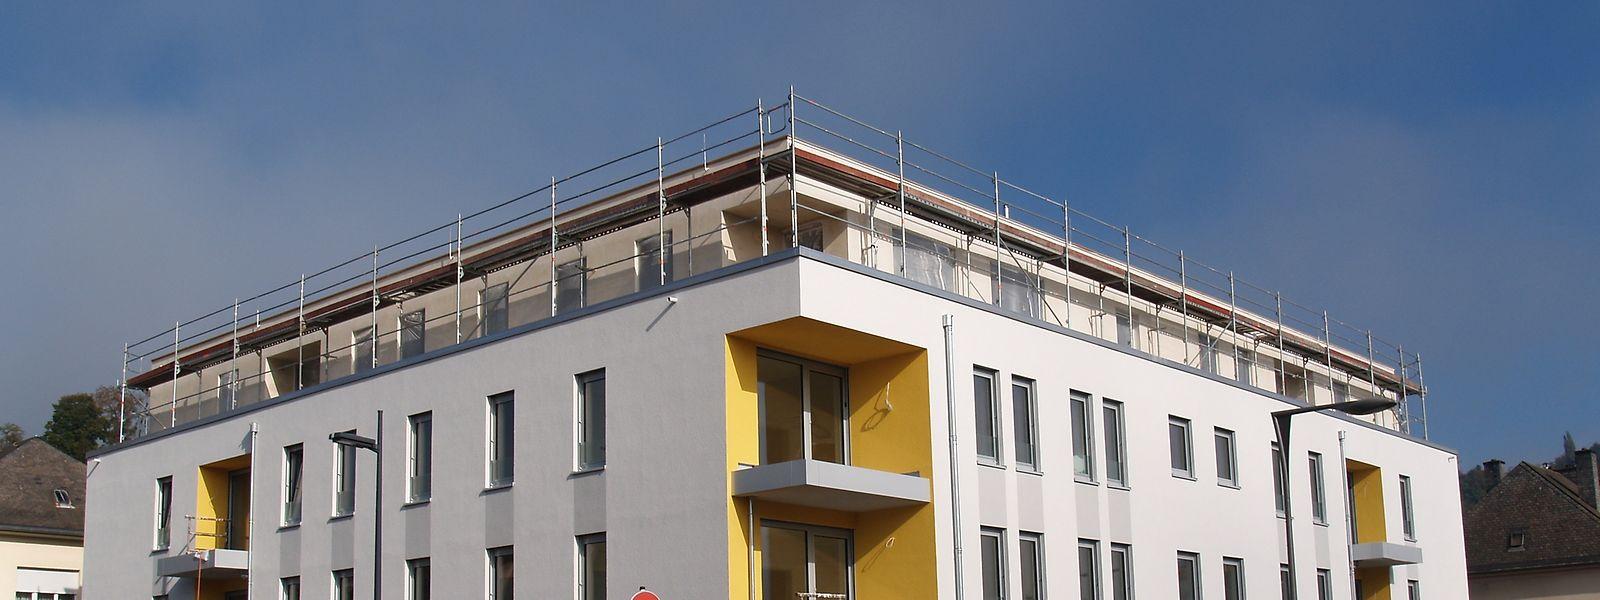 Dieser Neubau in der Rue des Fleurs in Diekirch gefällt nicht jedem.